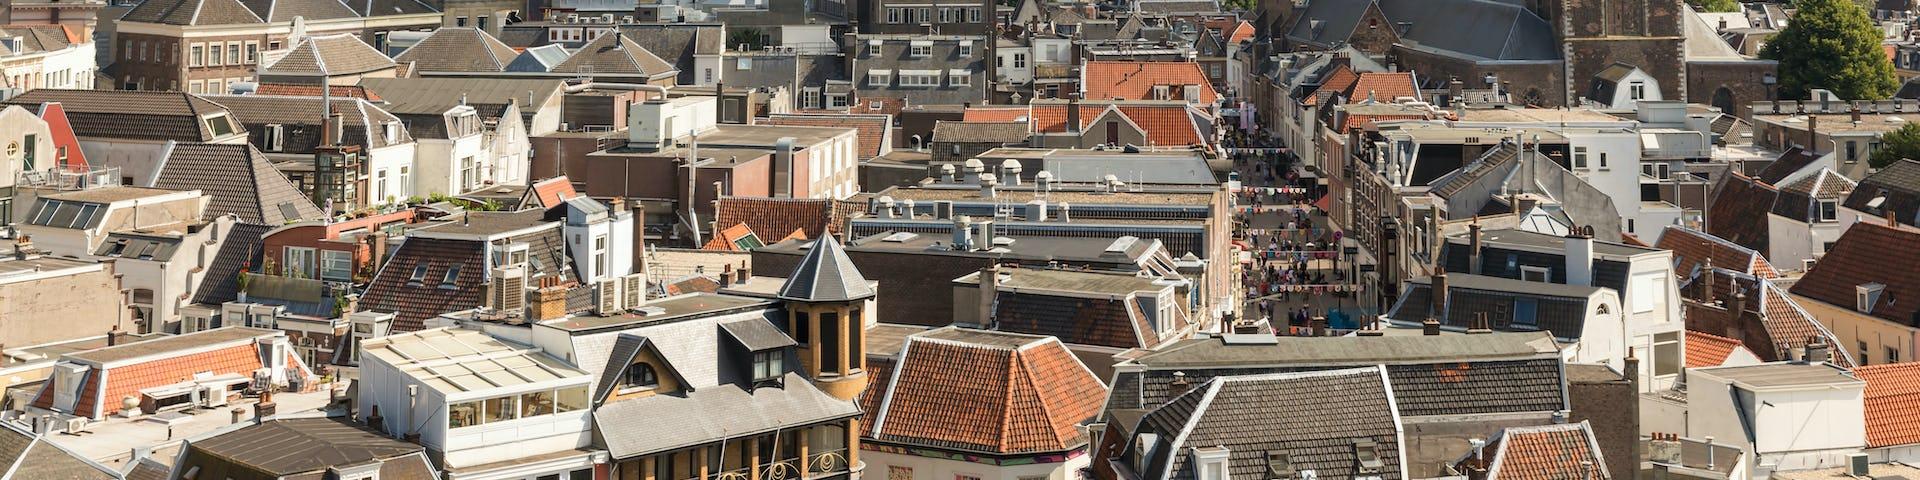 Masters degree in utrecht netherlands mastersportal study masters degrees in utrecht netherlands spiritdancerdesigns Choice Image